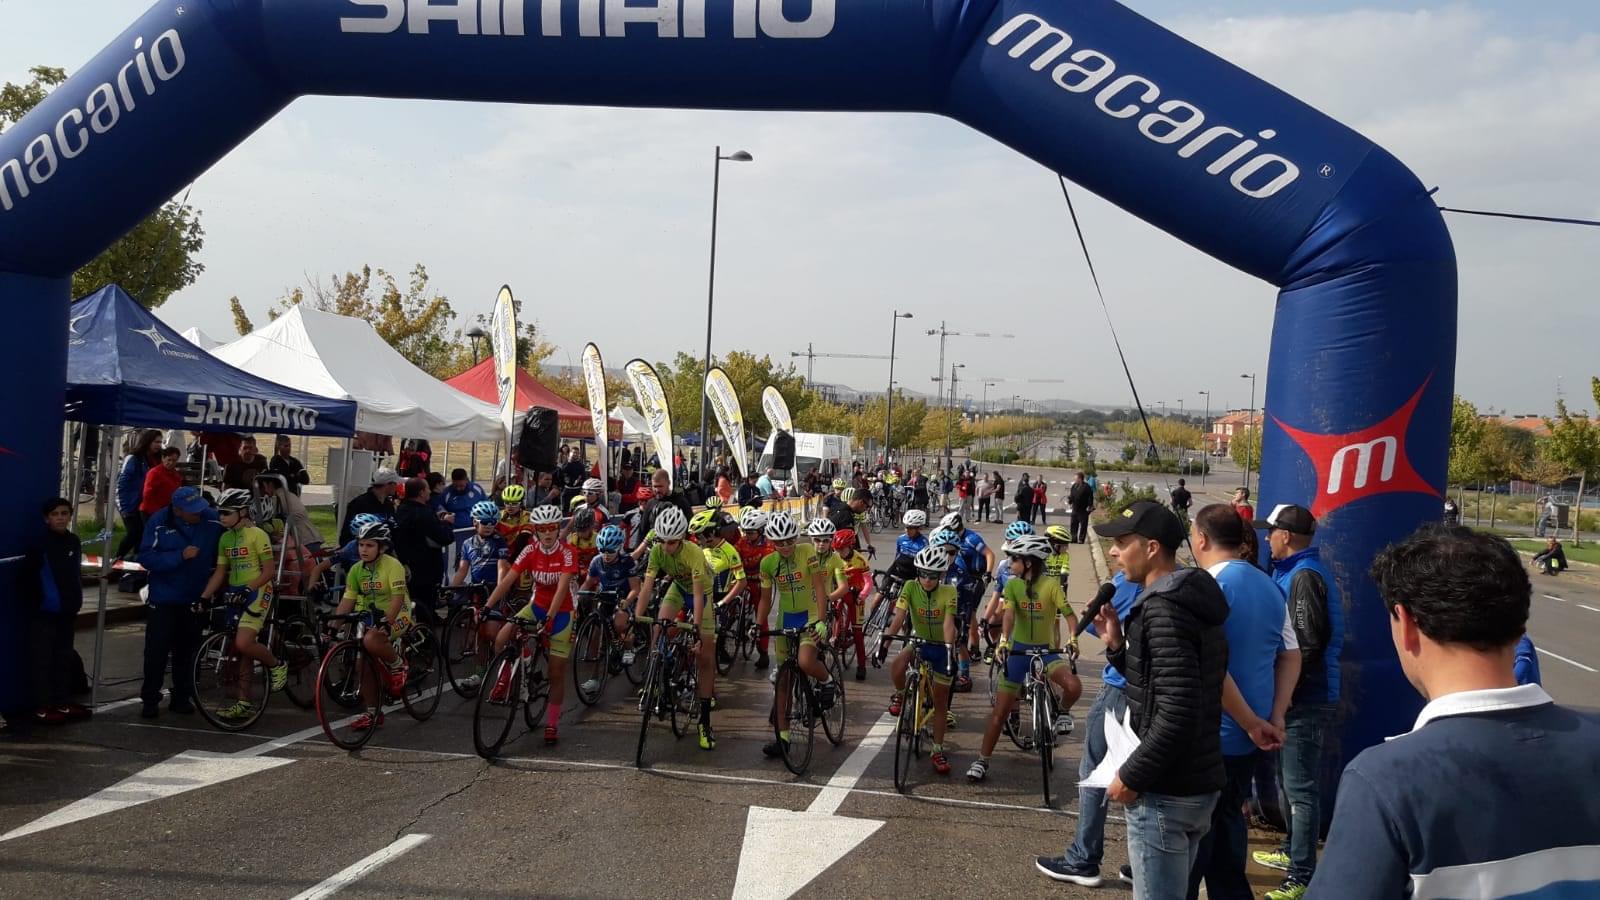 Inés Méndez y Rubén Sánchez, los más fuertes en el IV Trofeo de Ciclismo Infantil de Villalbilla